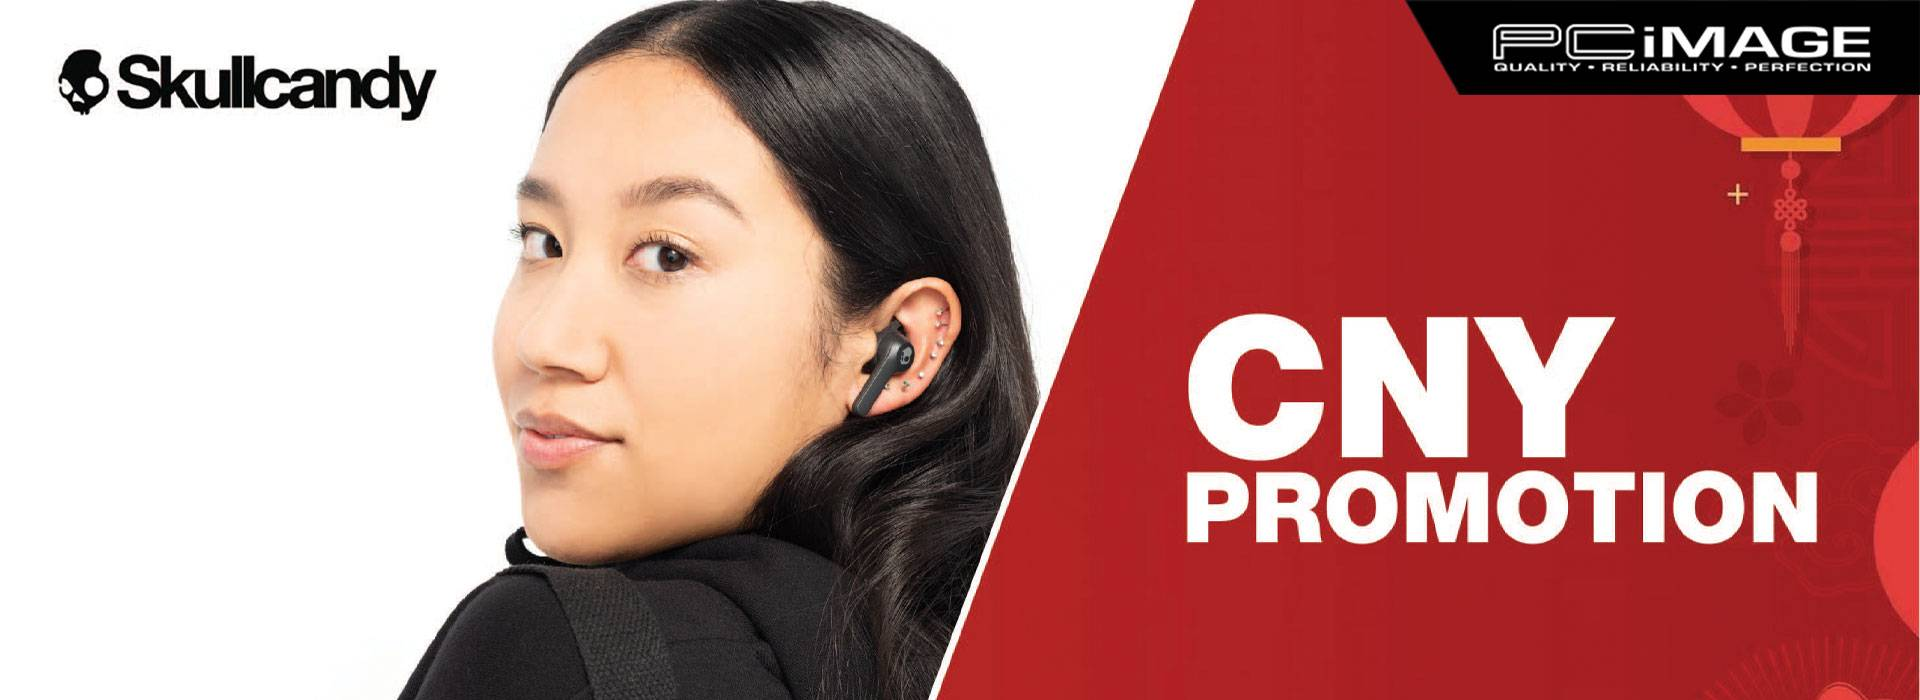 Skullcandy CNY Promo